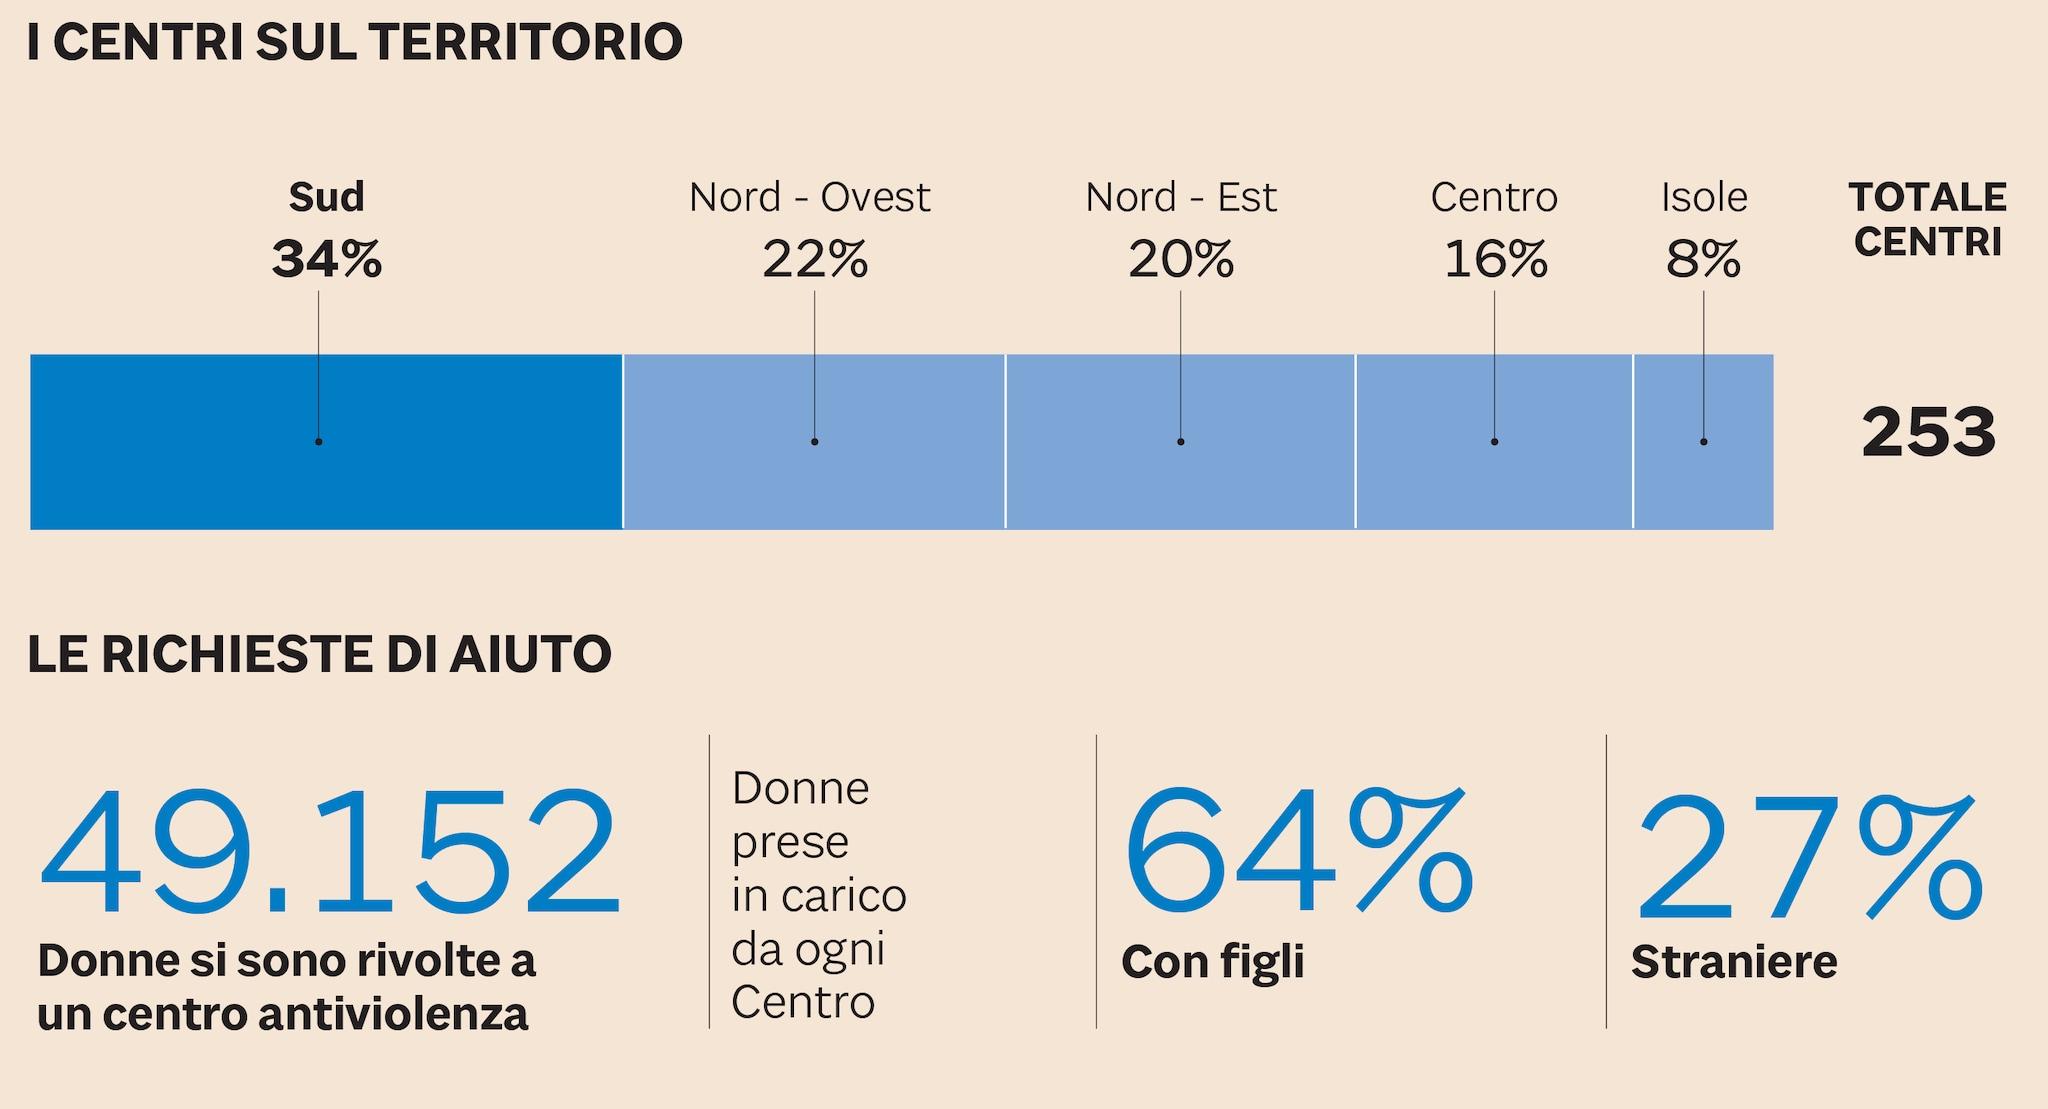 CENTRI ANTI VIOLENZA PER LE DONNE, I NUMERI ISTAT